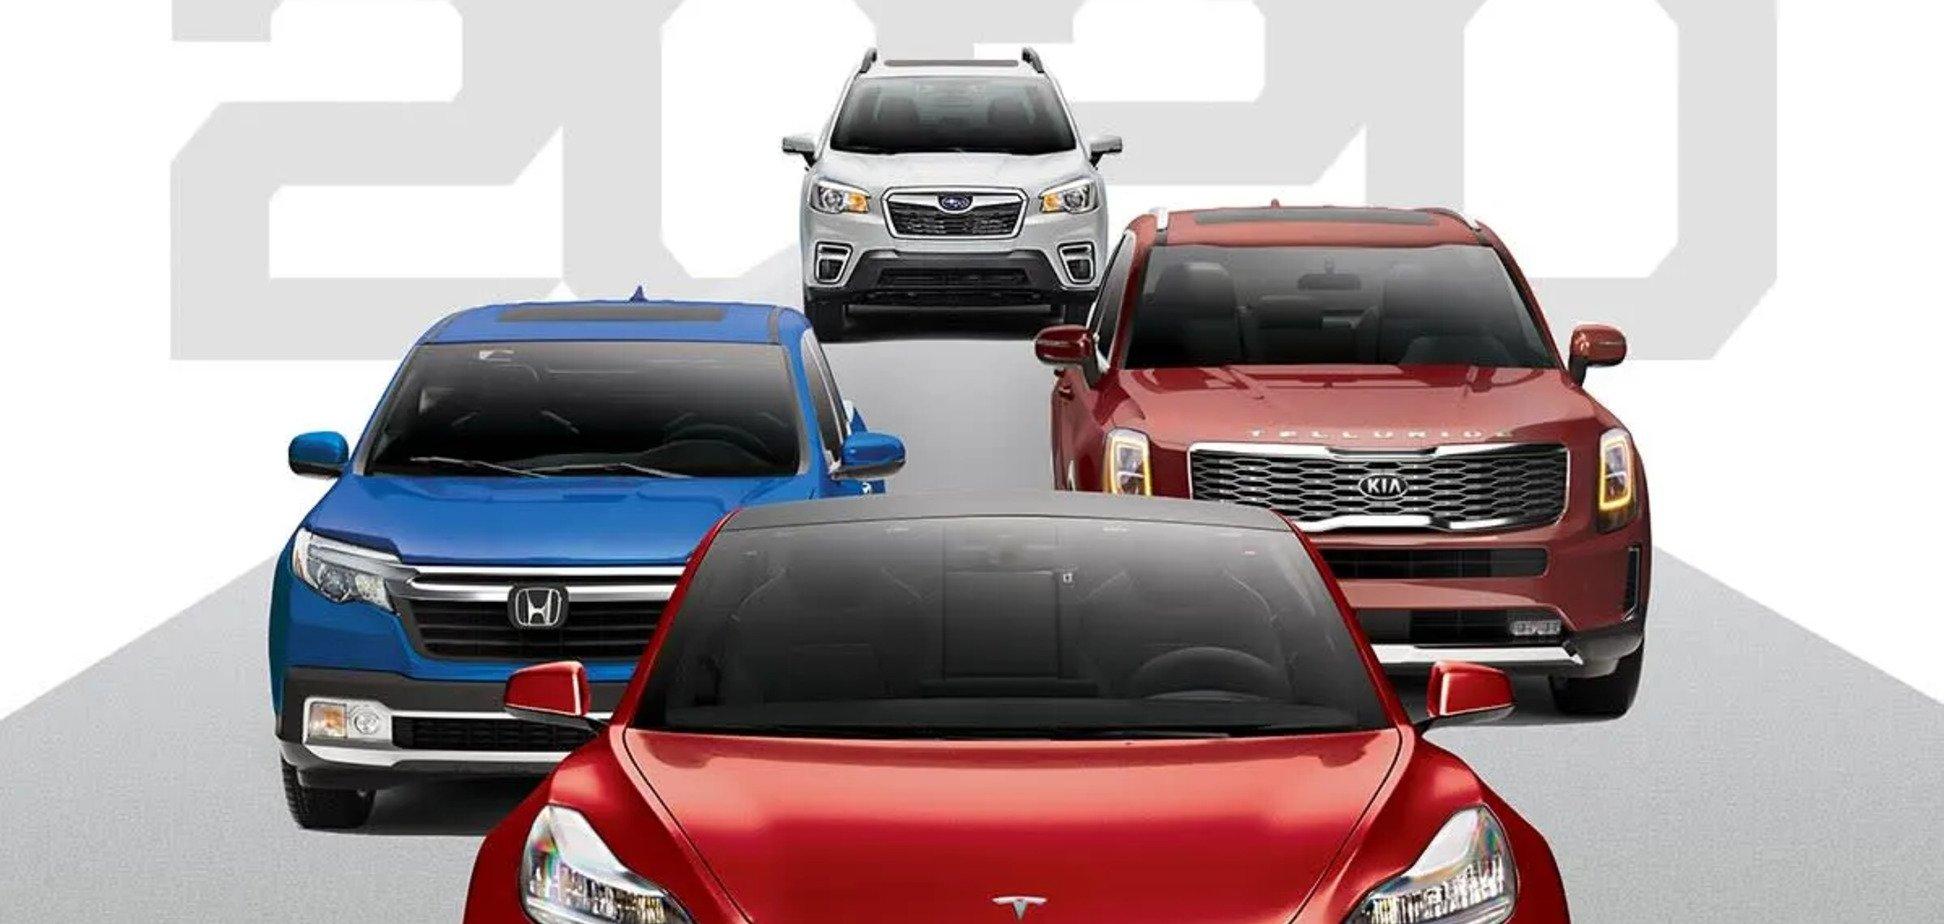 Названы 10 лучших авто сегодняшнего дня